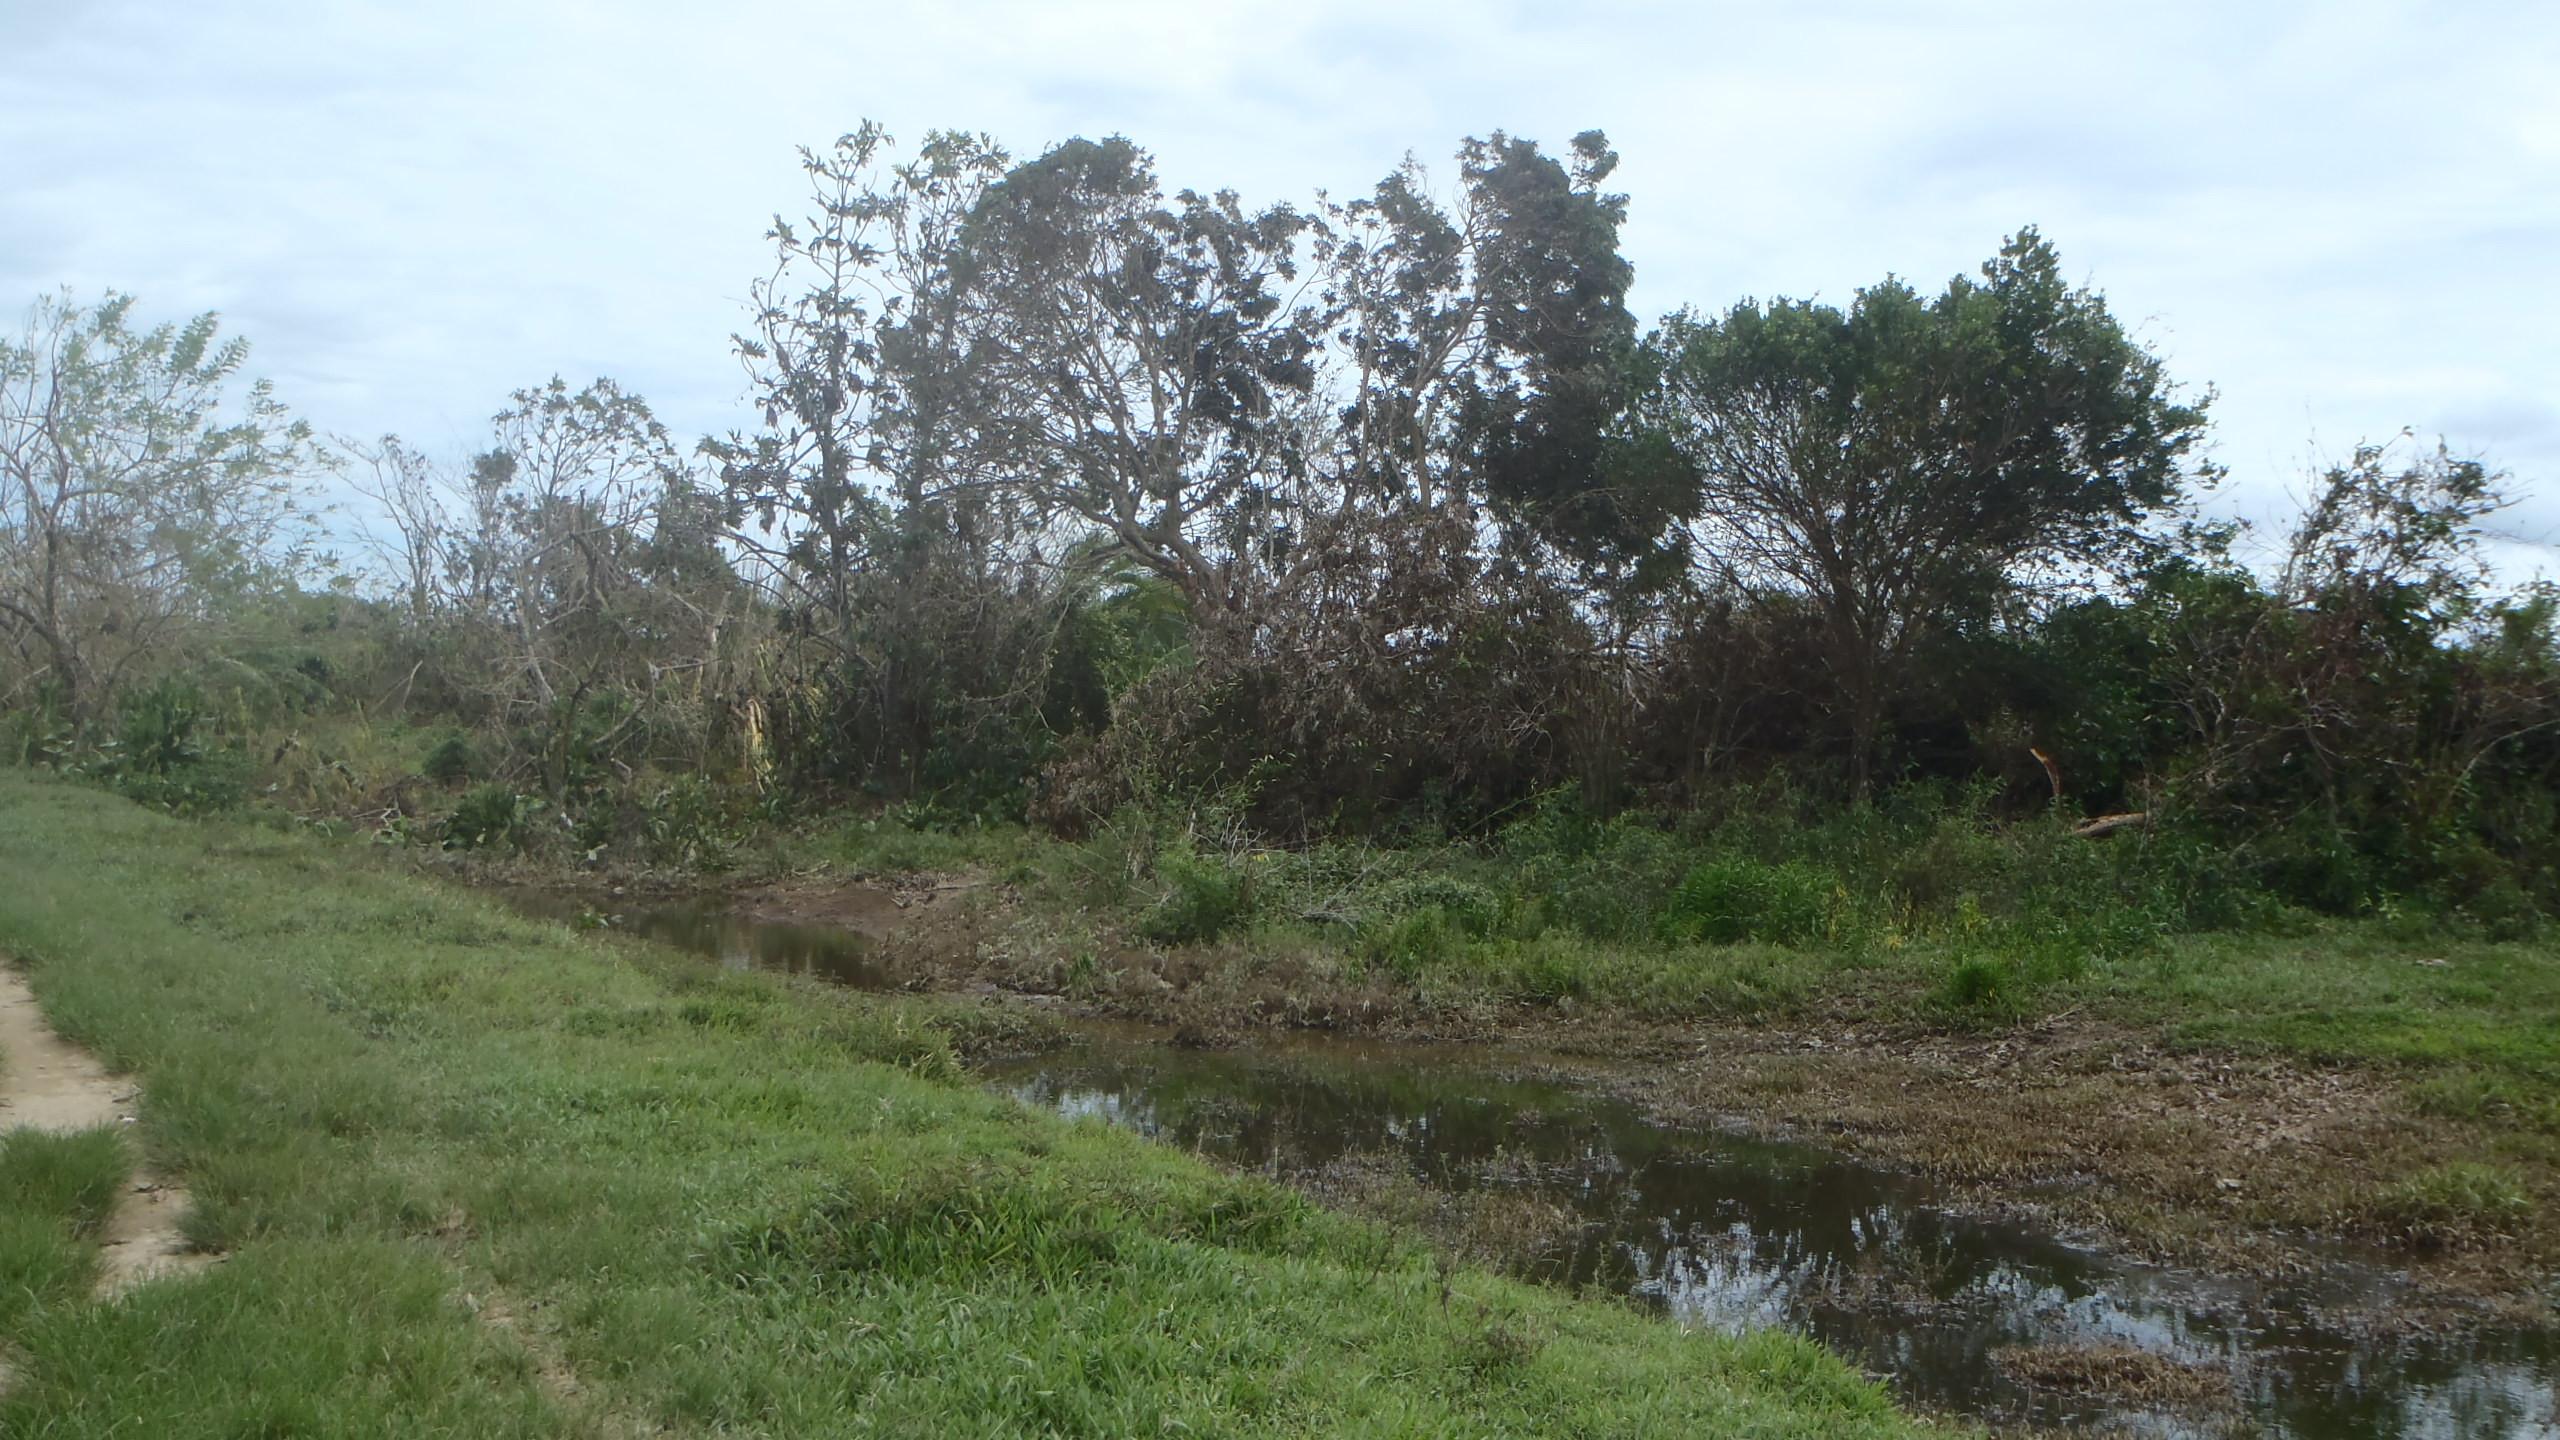 Paysages endommagés après cyclone